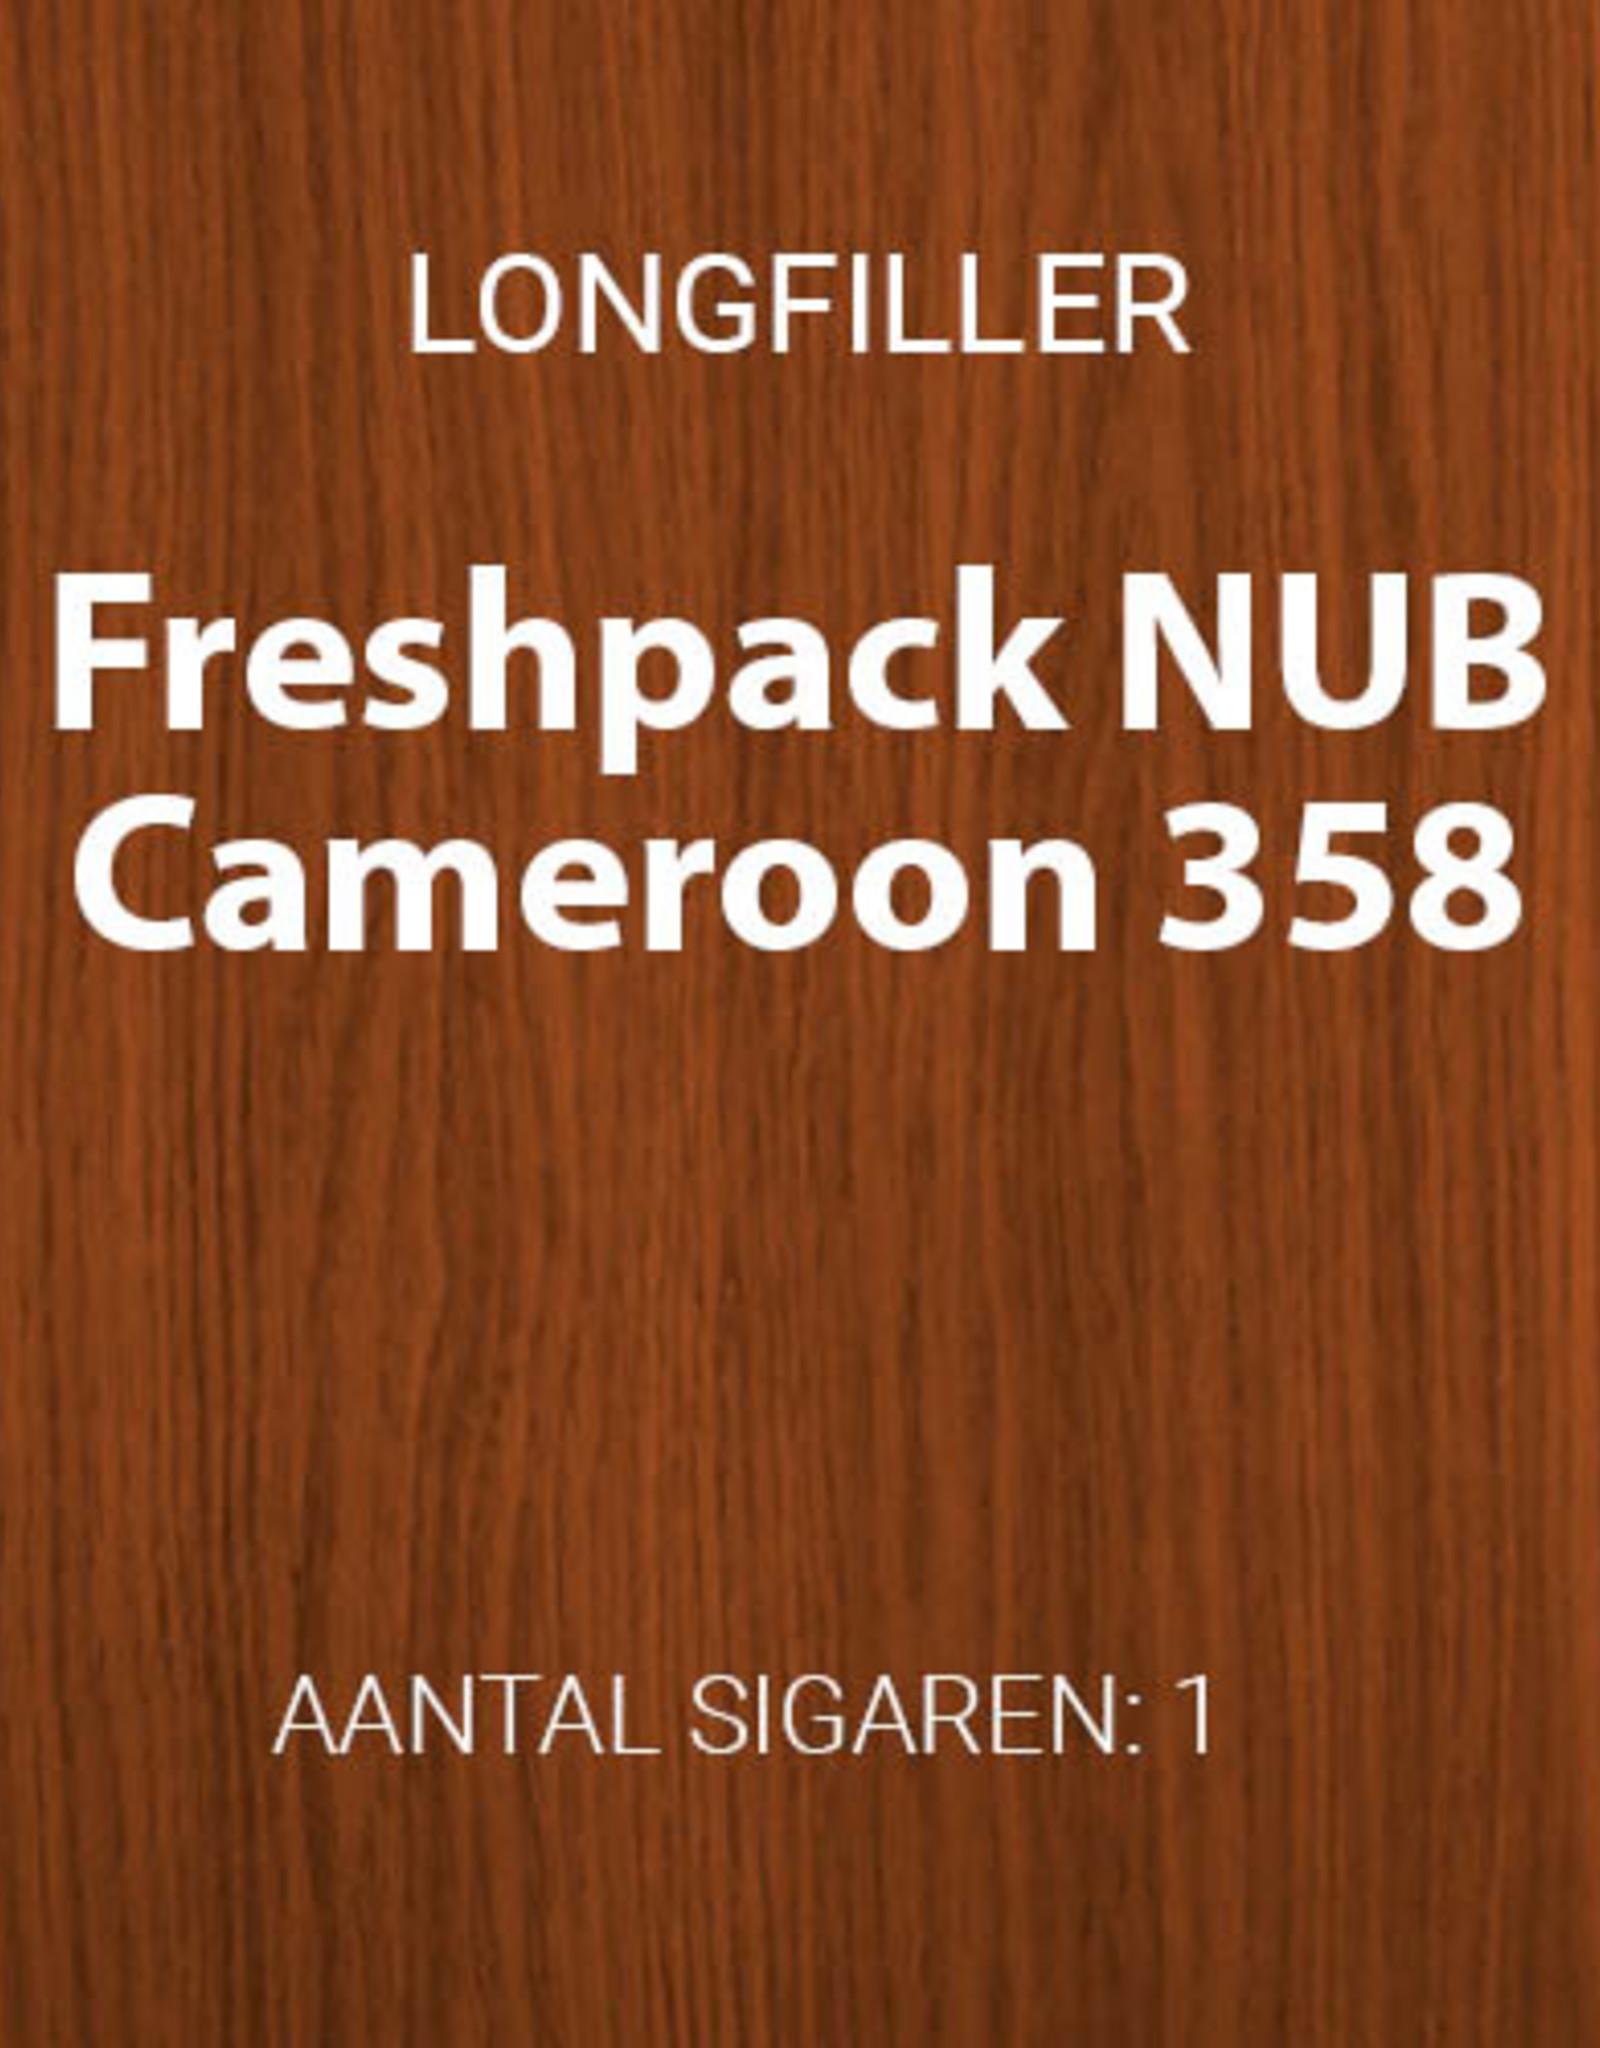 Nub Cameroon 358